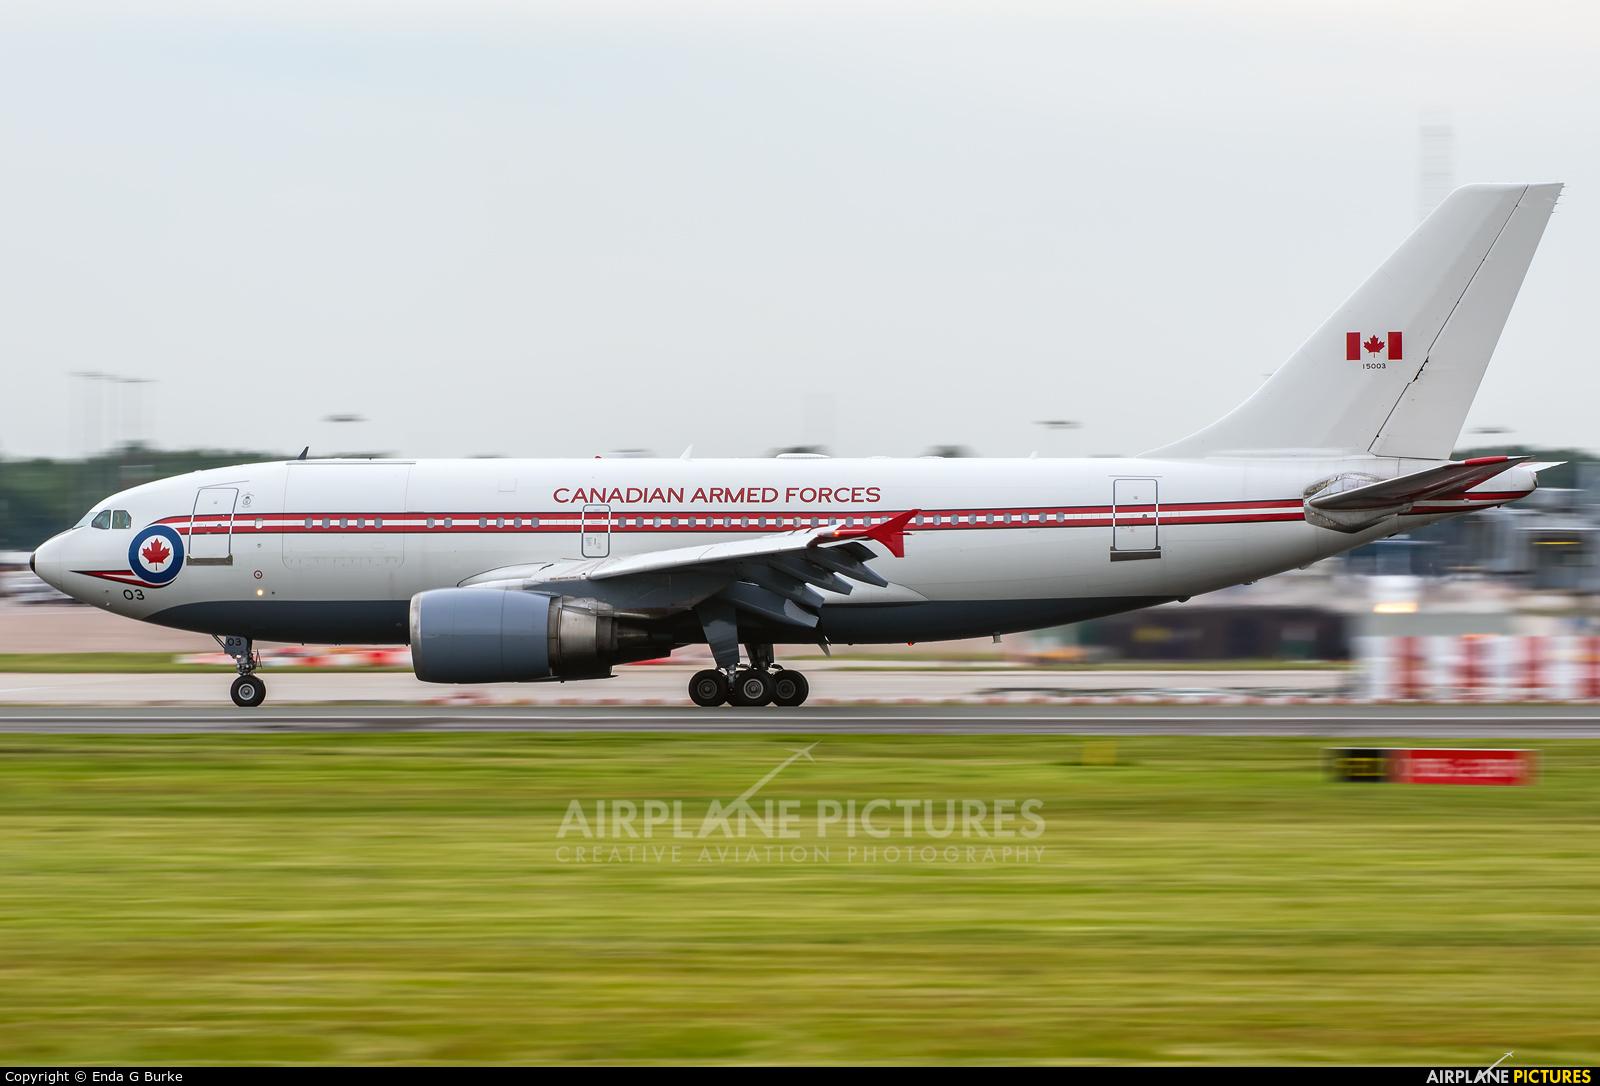 Canada - Air Force 15003 aircraft at Manchester